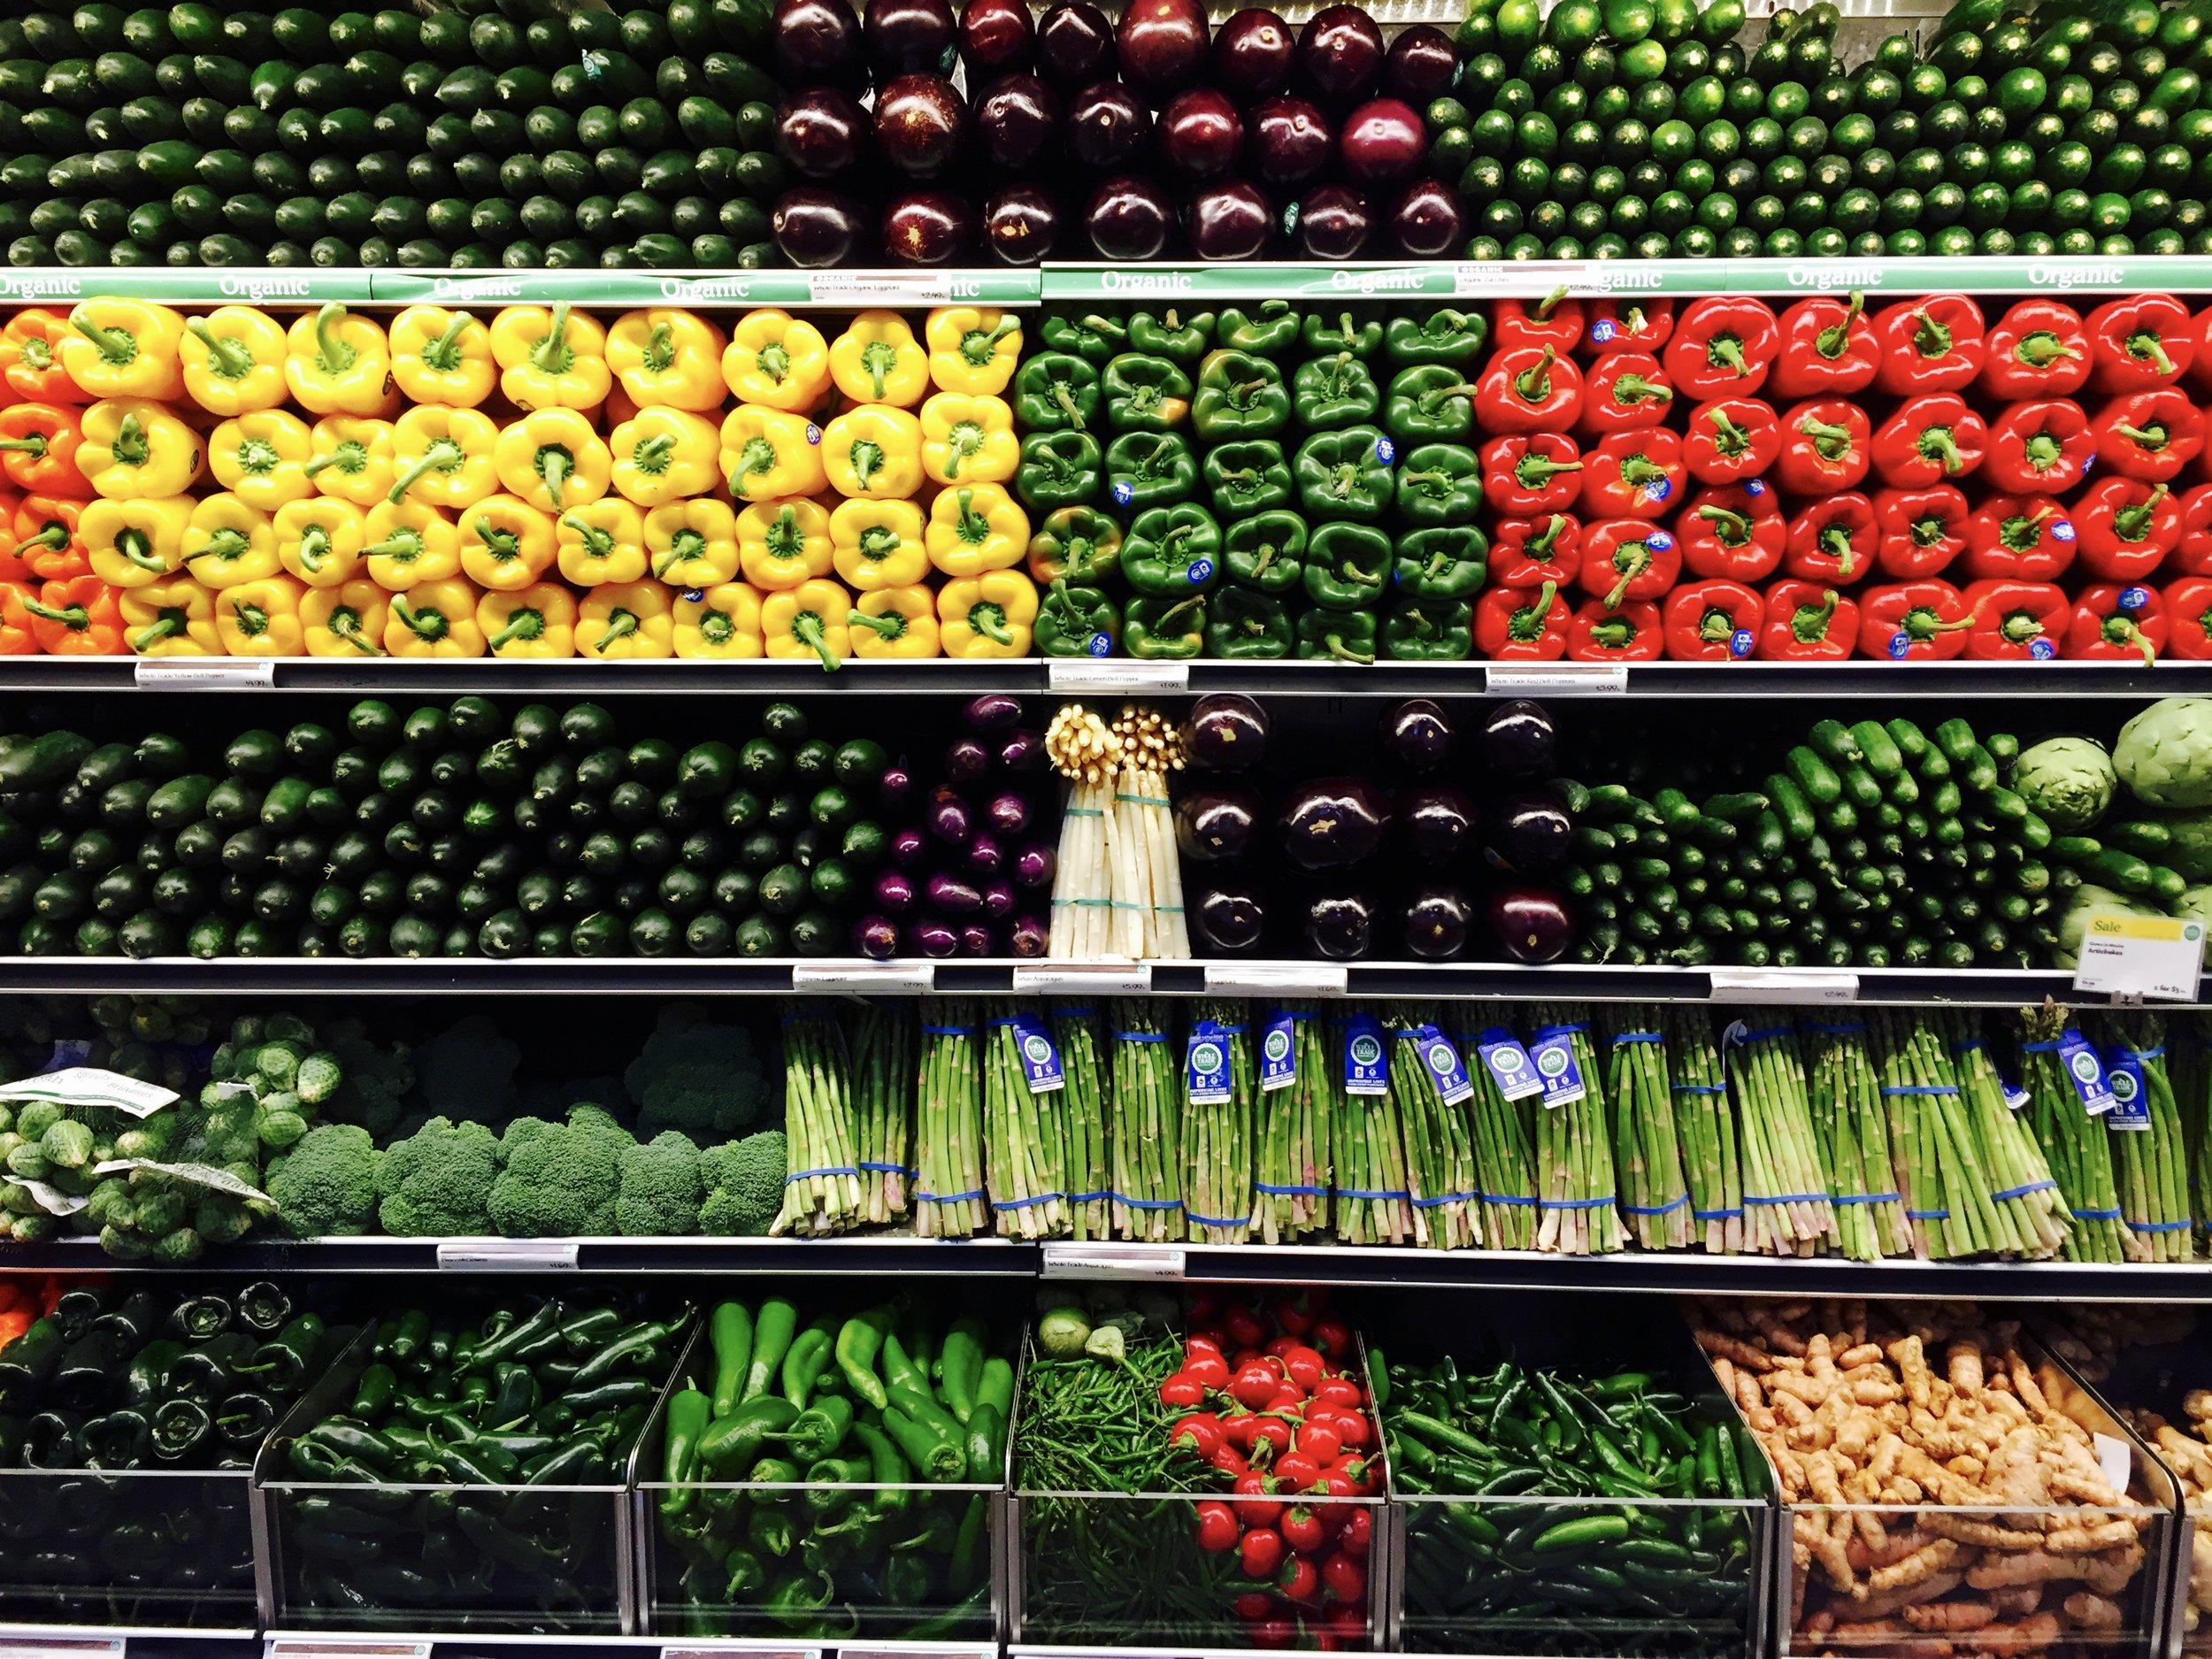 Parduotuvė L.A. Whole Foods market